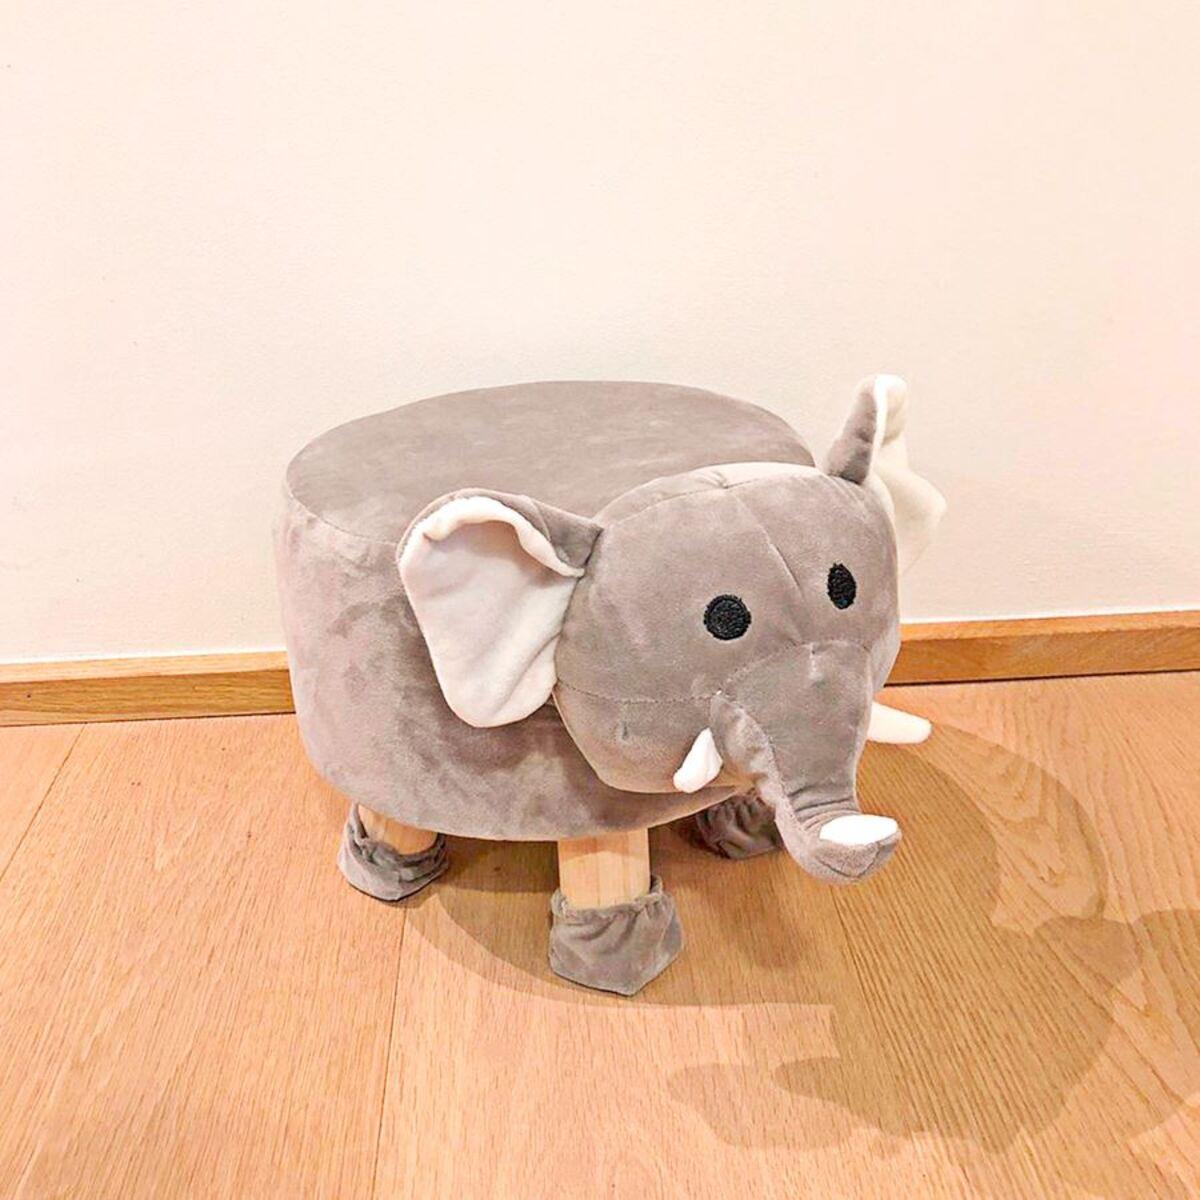 Bild 3 von Deko-Hocker Elefant mit 4 Beinen 28x35x40cm